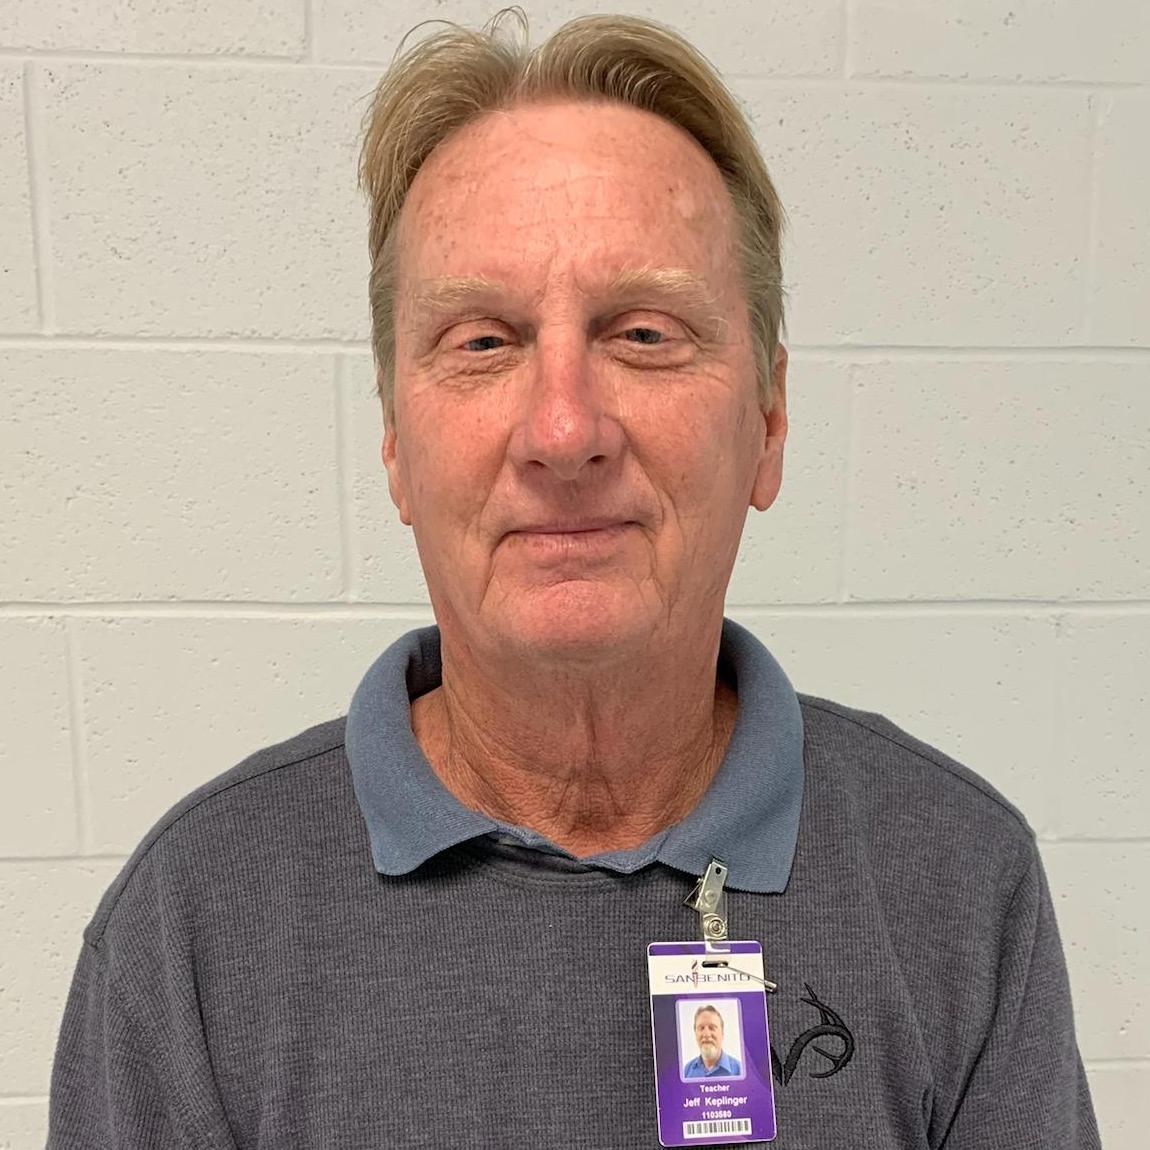 Jeff Keplinger's Profile Photo